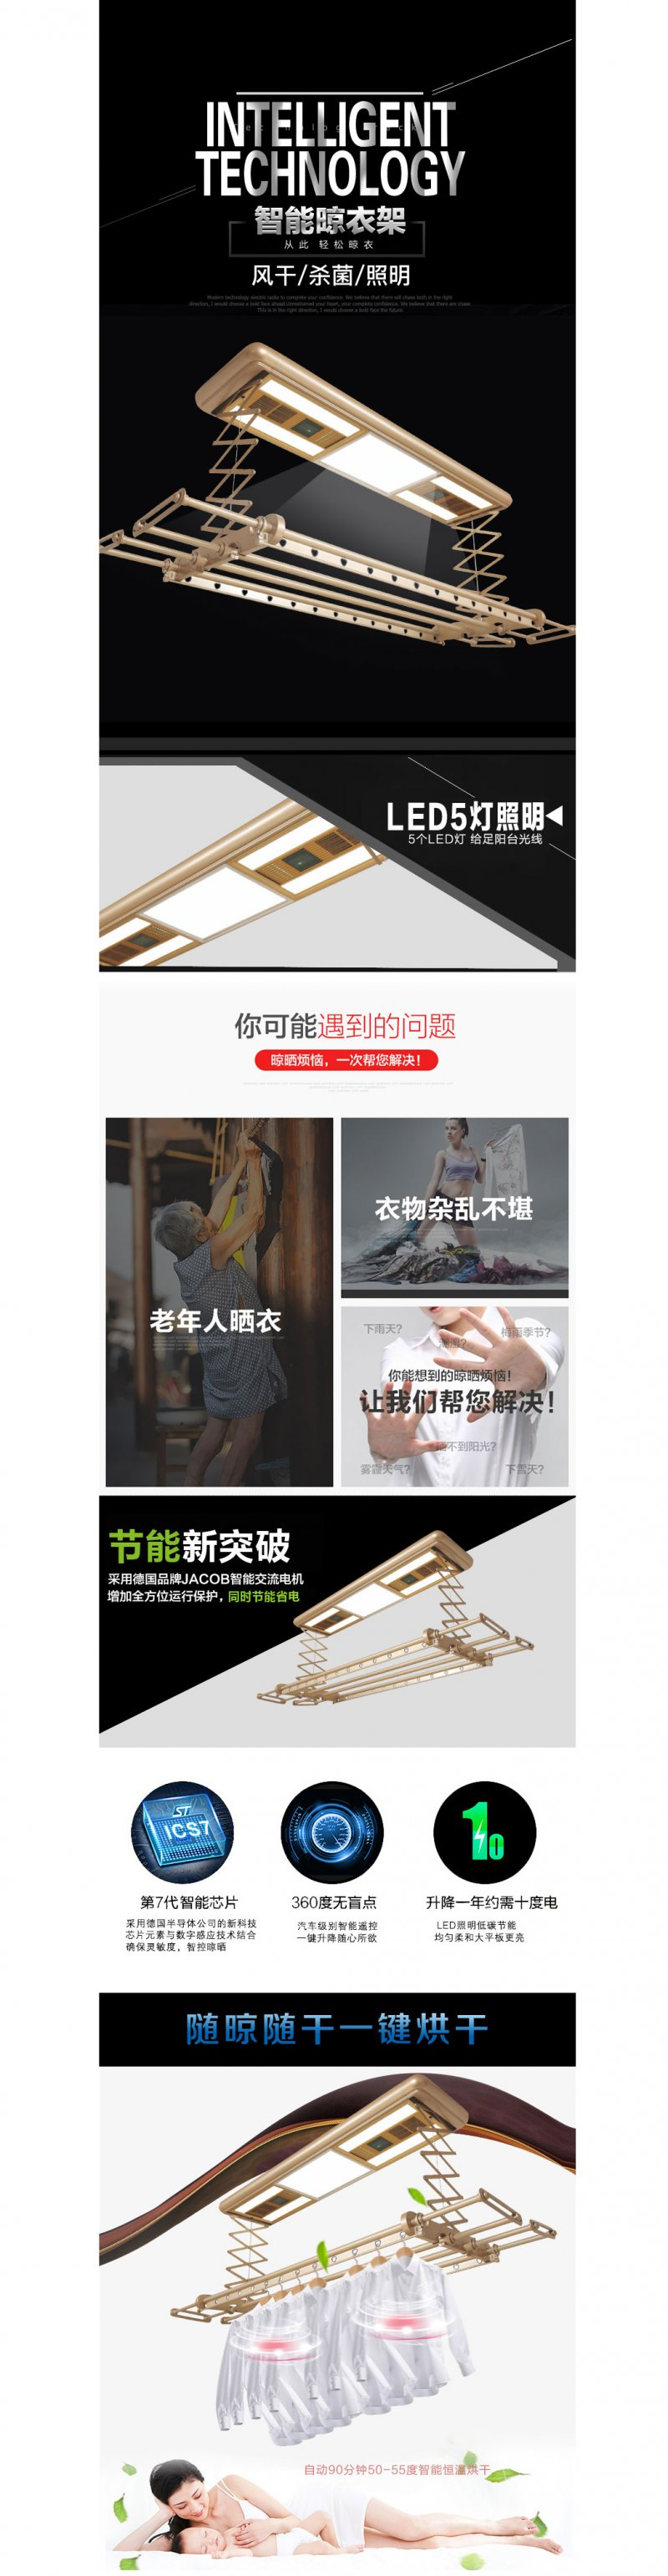 正太亚博体育苹果官方下载产品 亚博app下载网站亚博体育苹果官方下载 zt-730/土豪金/玫瑰红系列